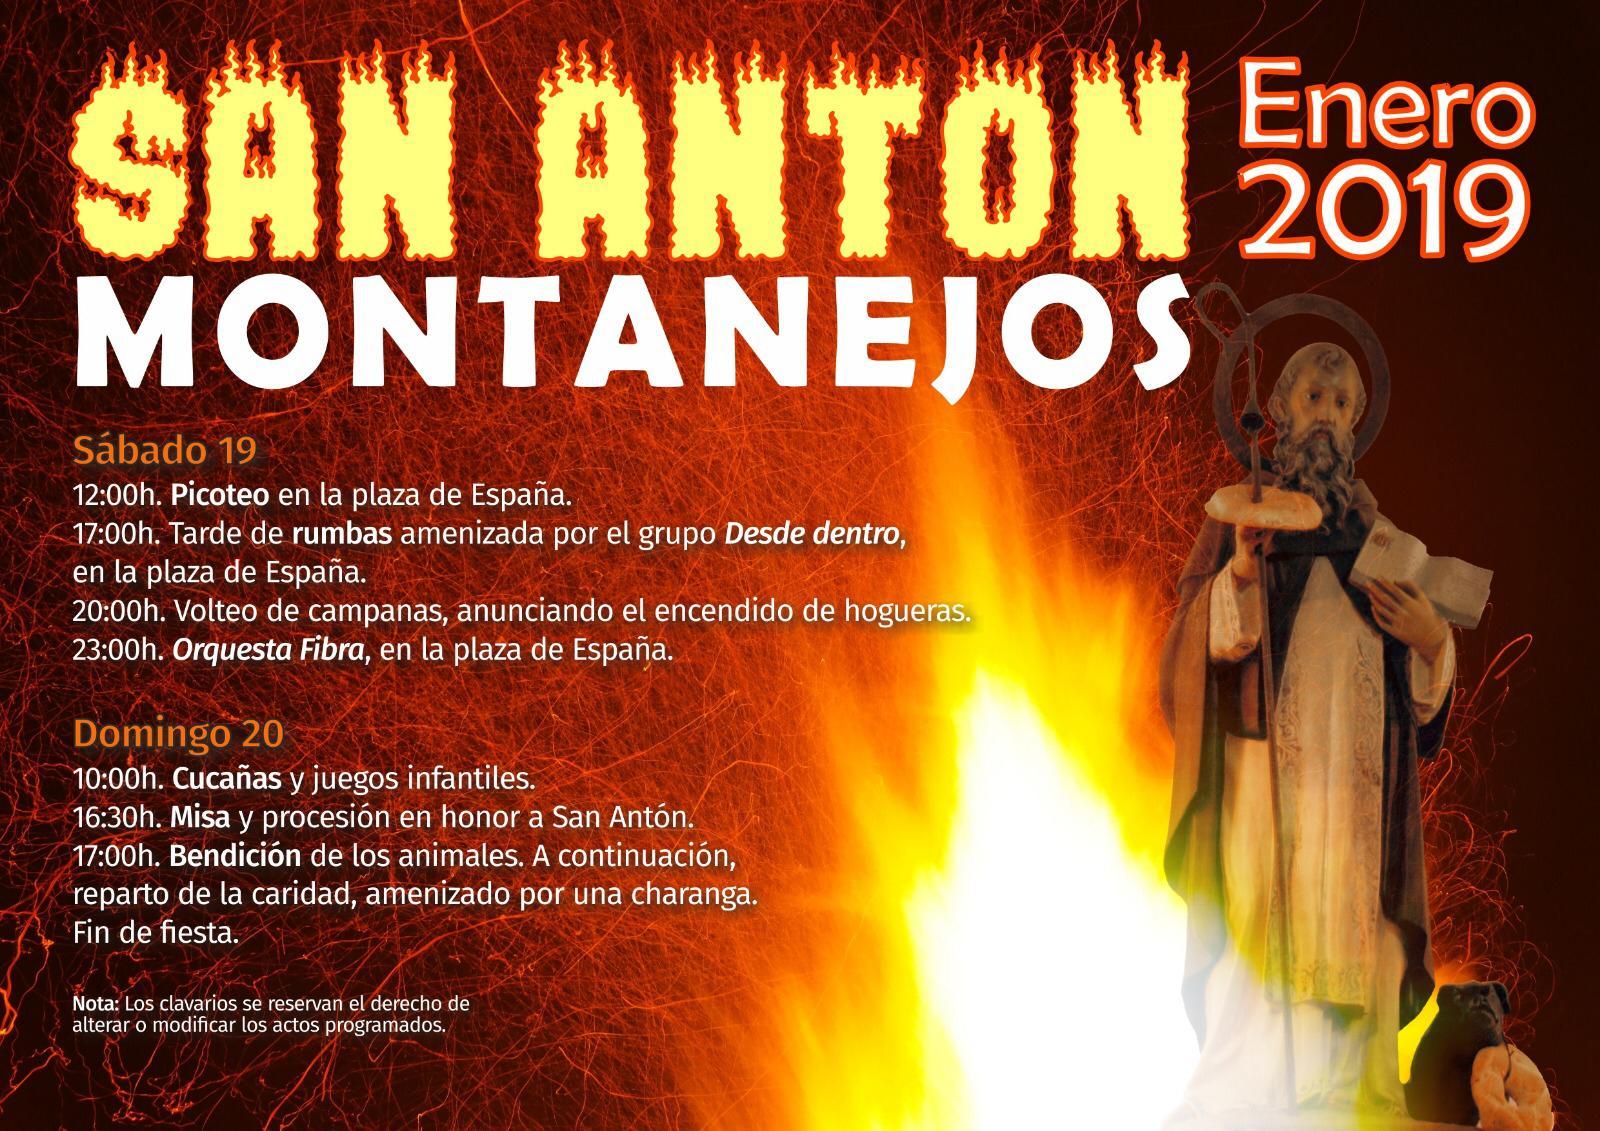 (Español) Los días 19 y 20 de enero disfruta San Antón en Montanejos